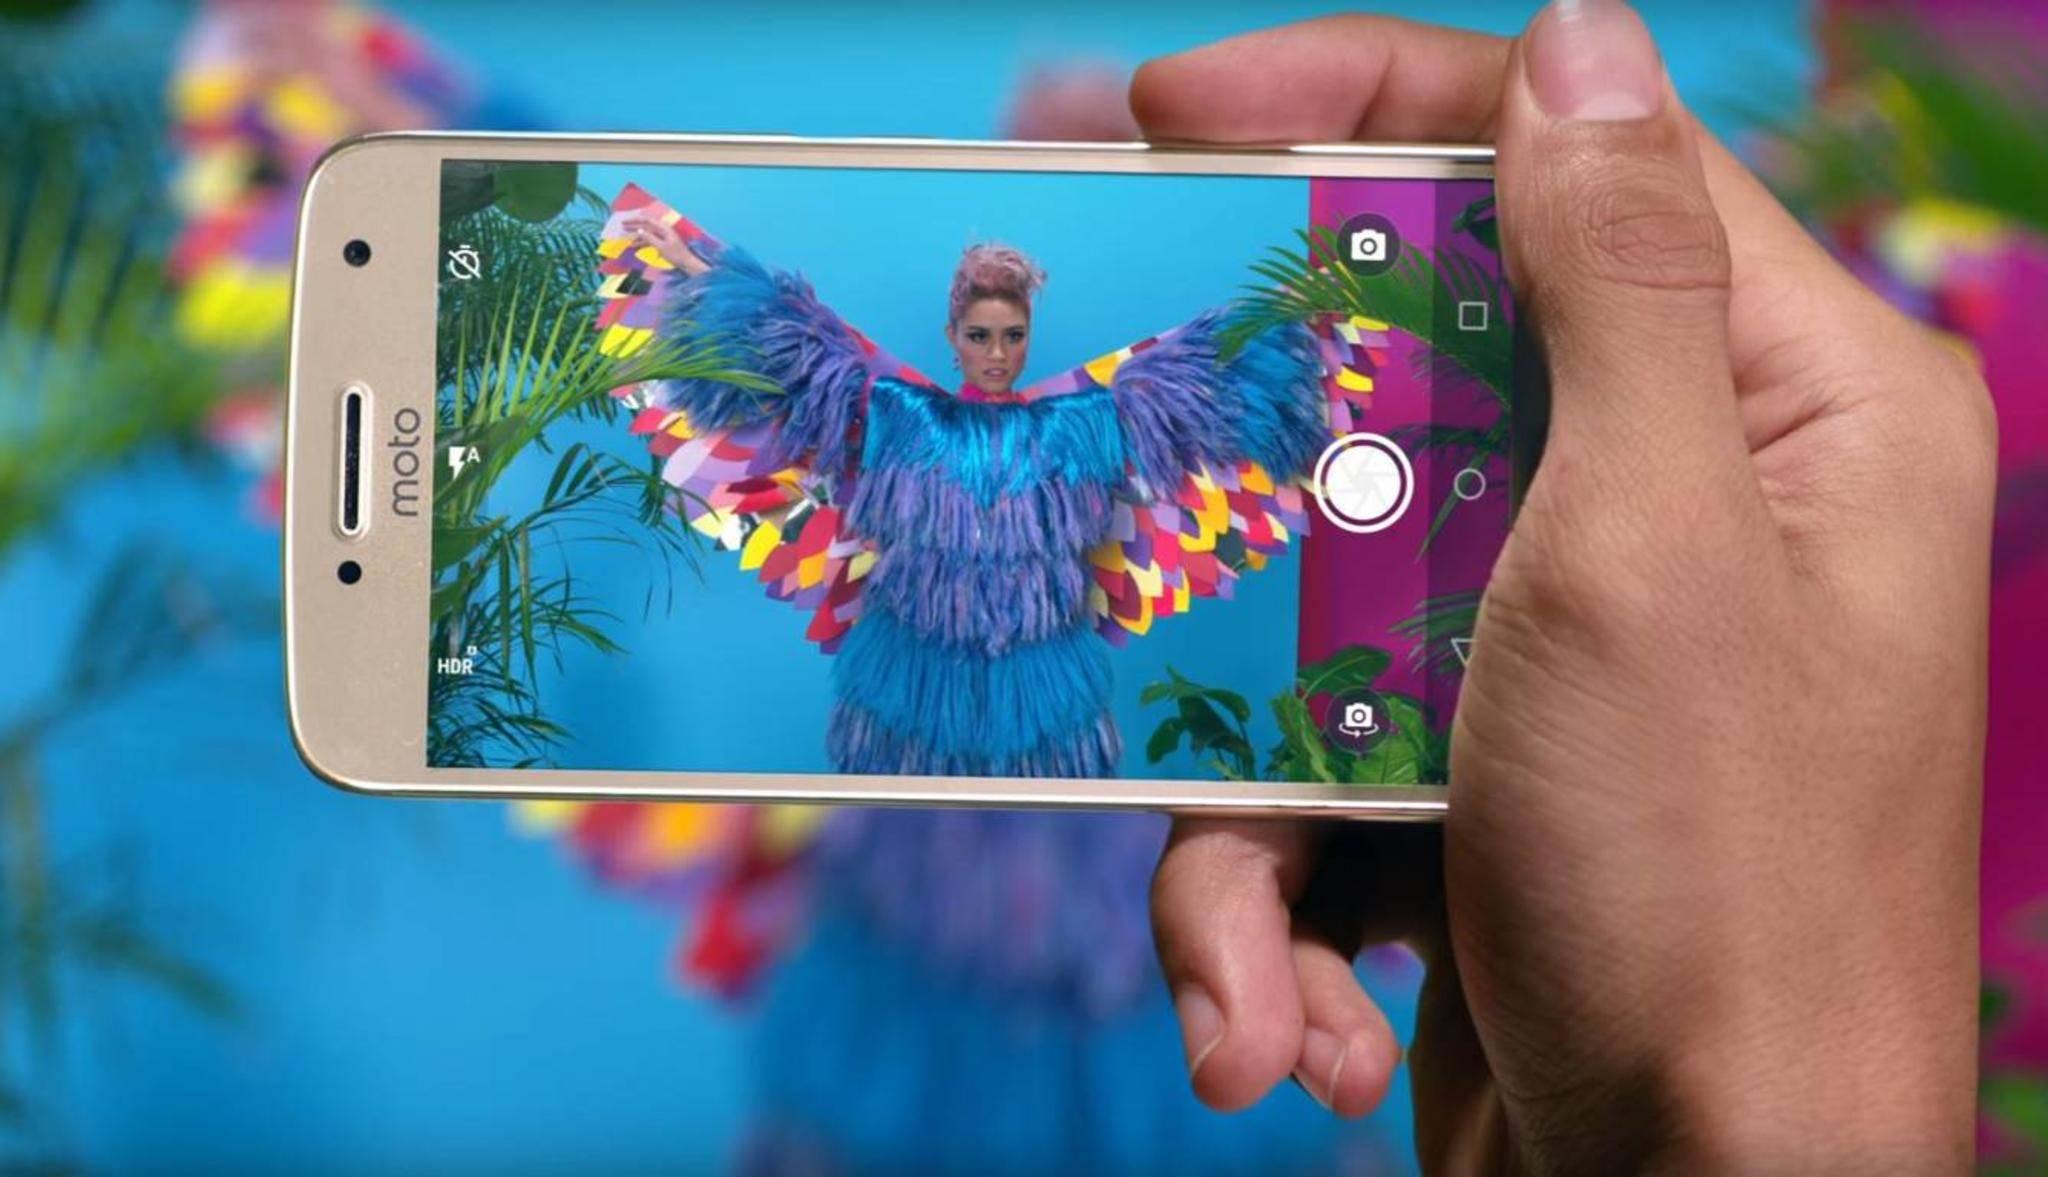 Das Moto G5 Plus soll die beste Kamera seiner Klasse haben.